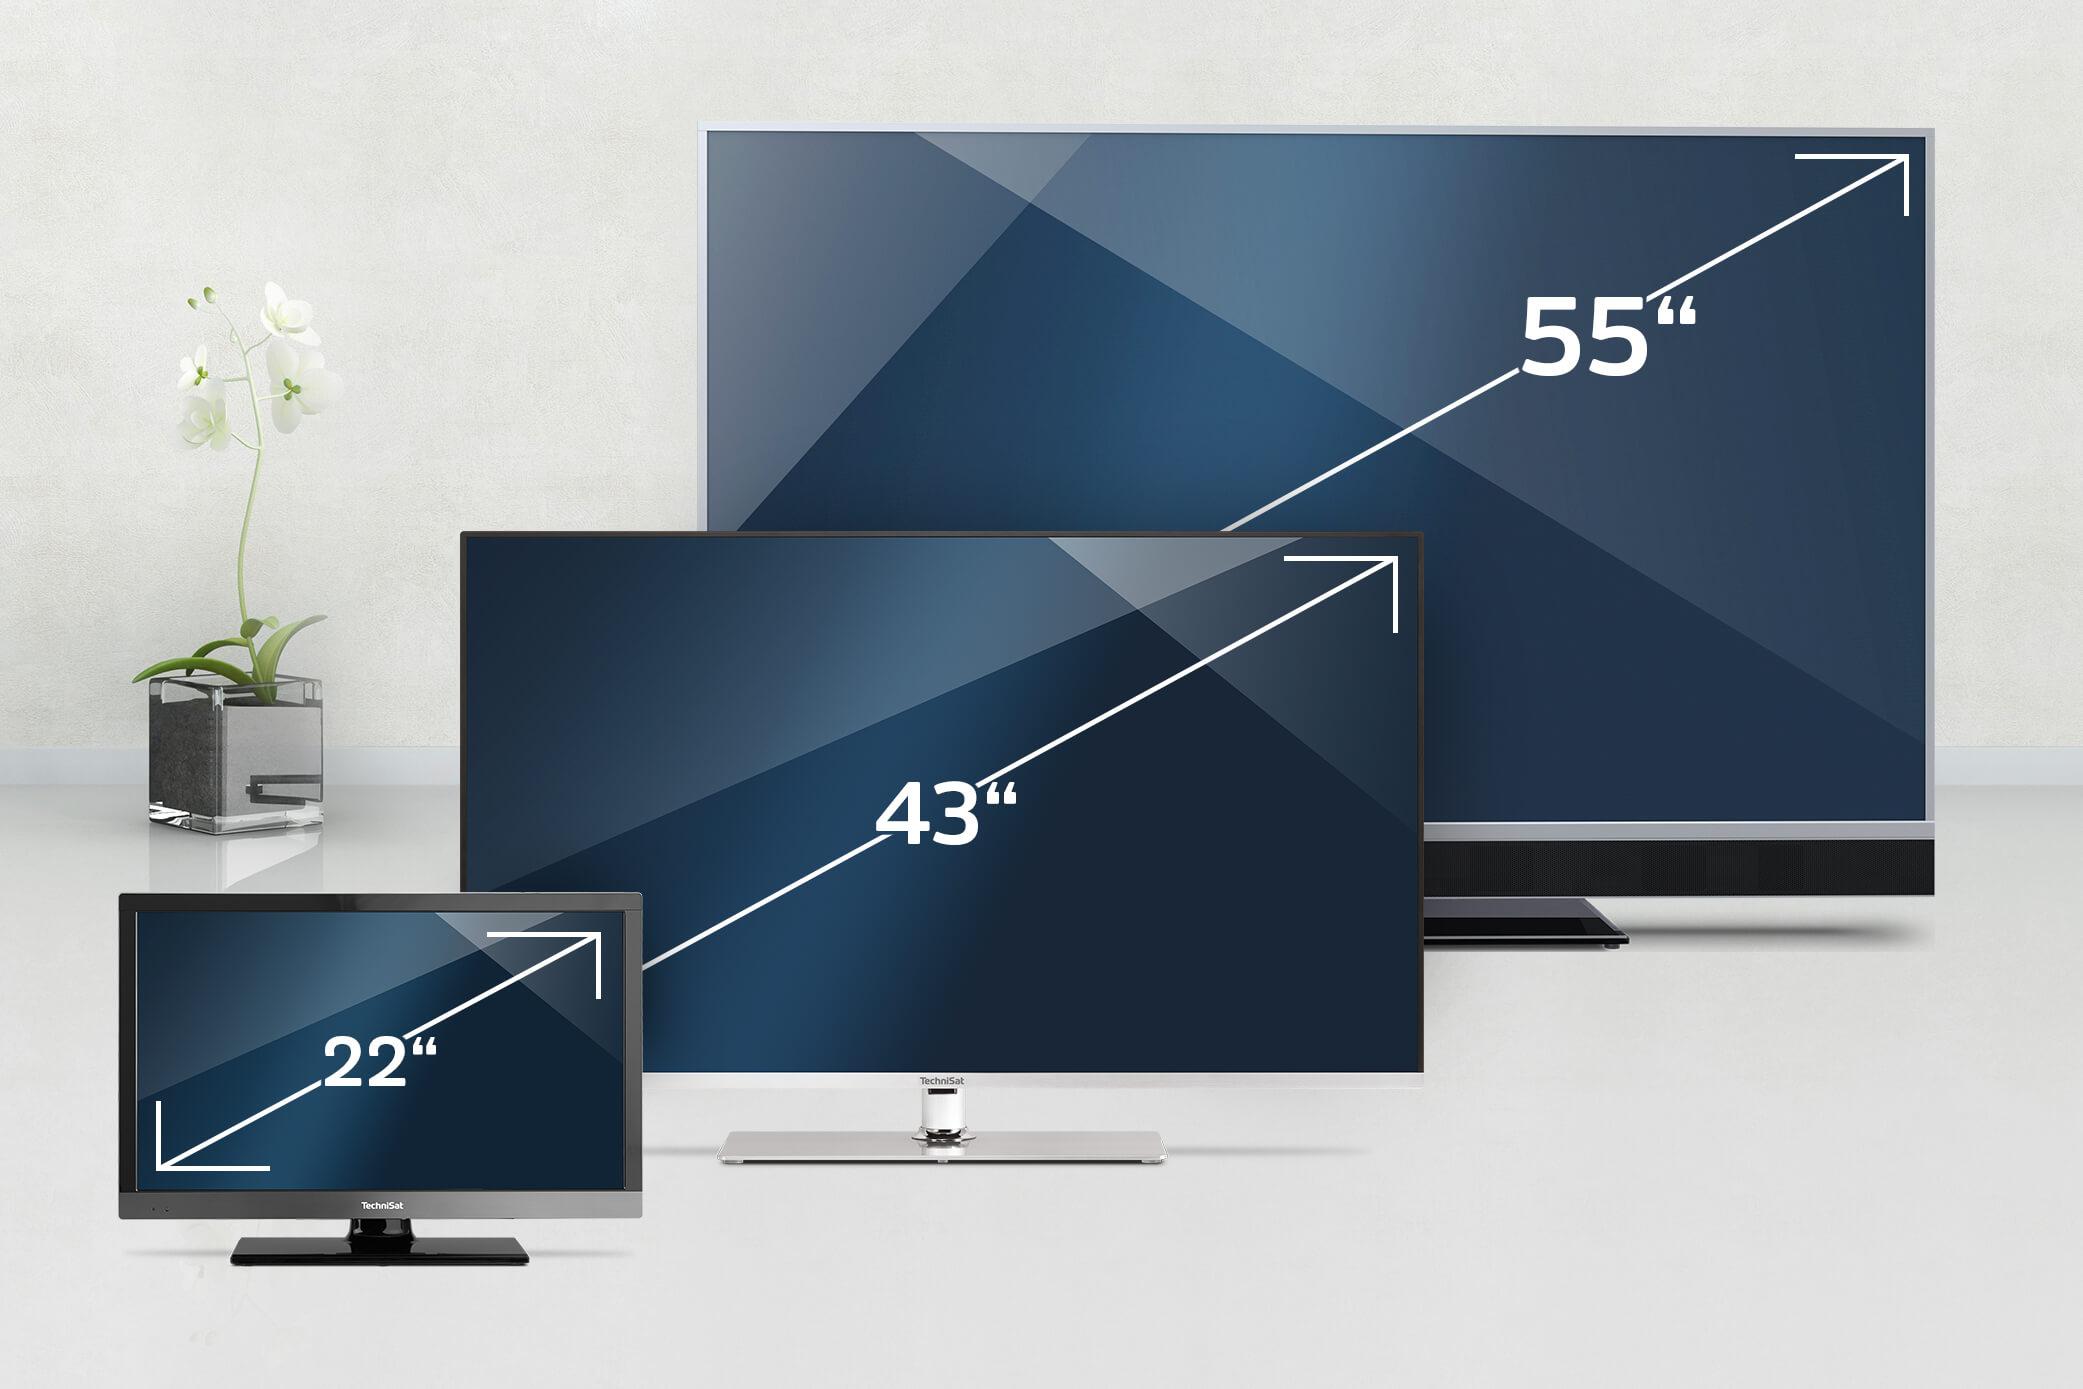 TV-Kauf: So finden Sie die für Sie passende TV-Größe